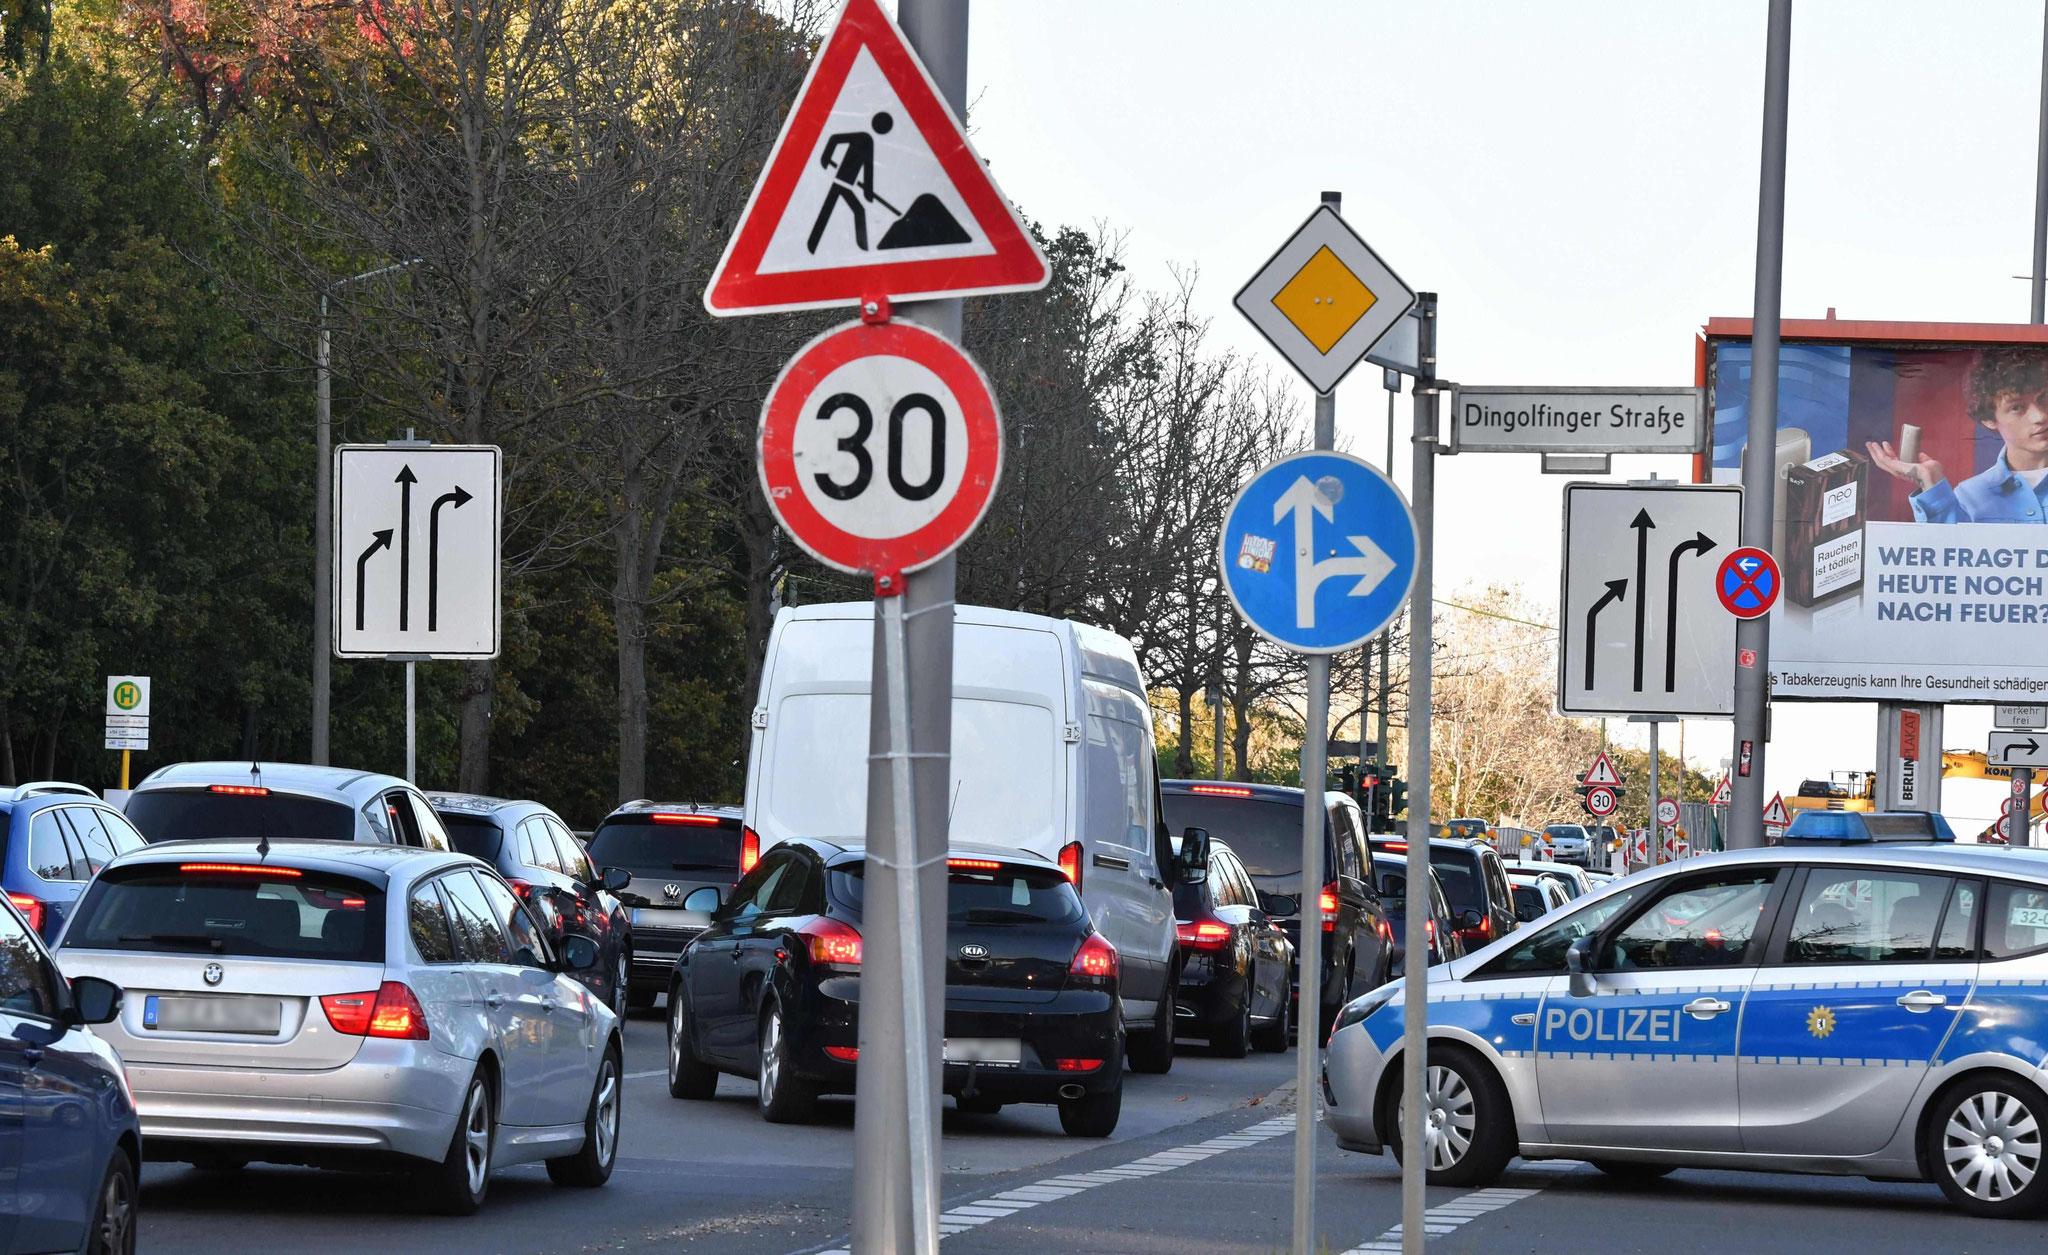 Blumberger-Damm-Brücke © pressefoto-uhlemann.de